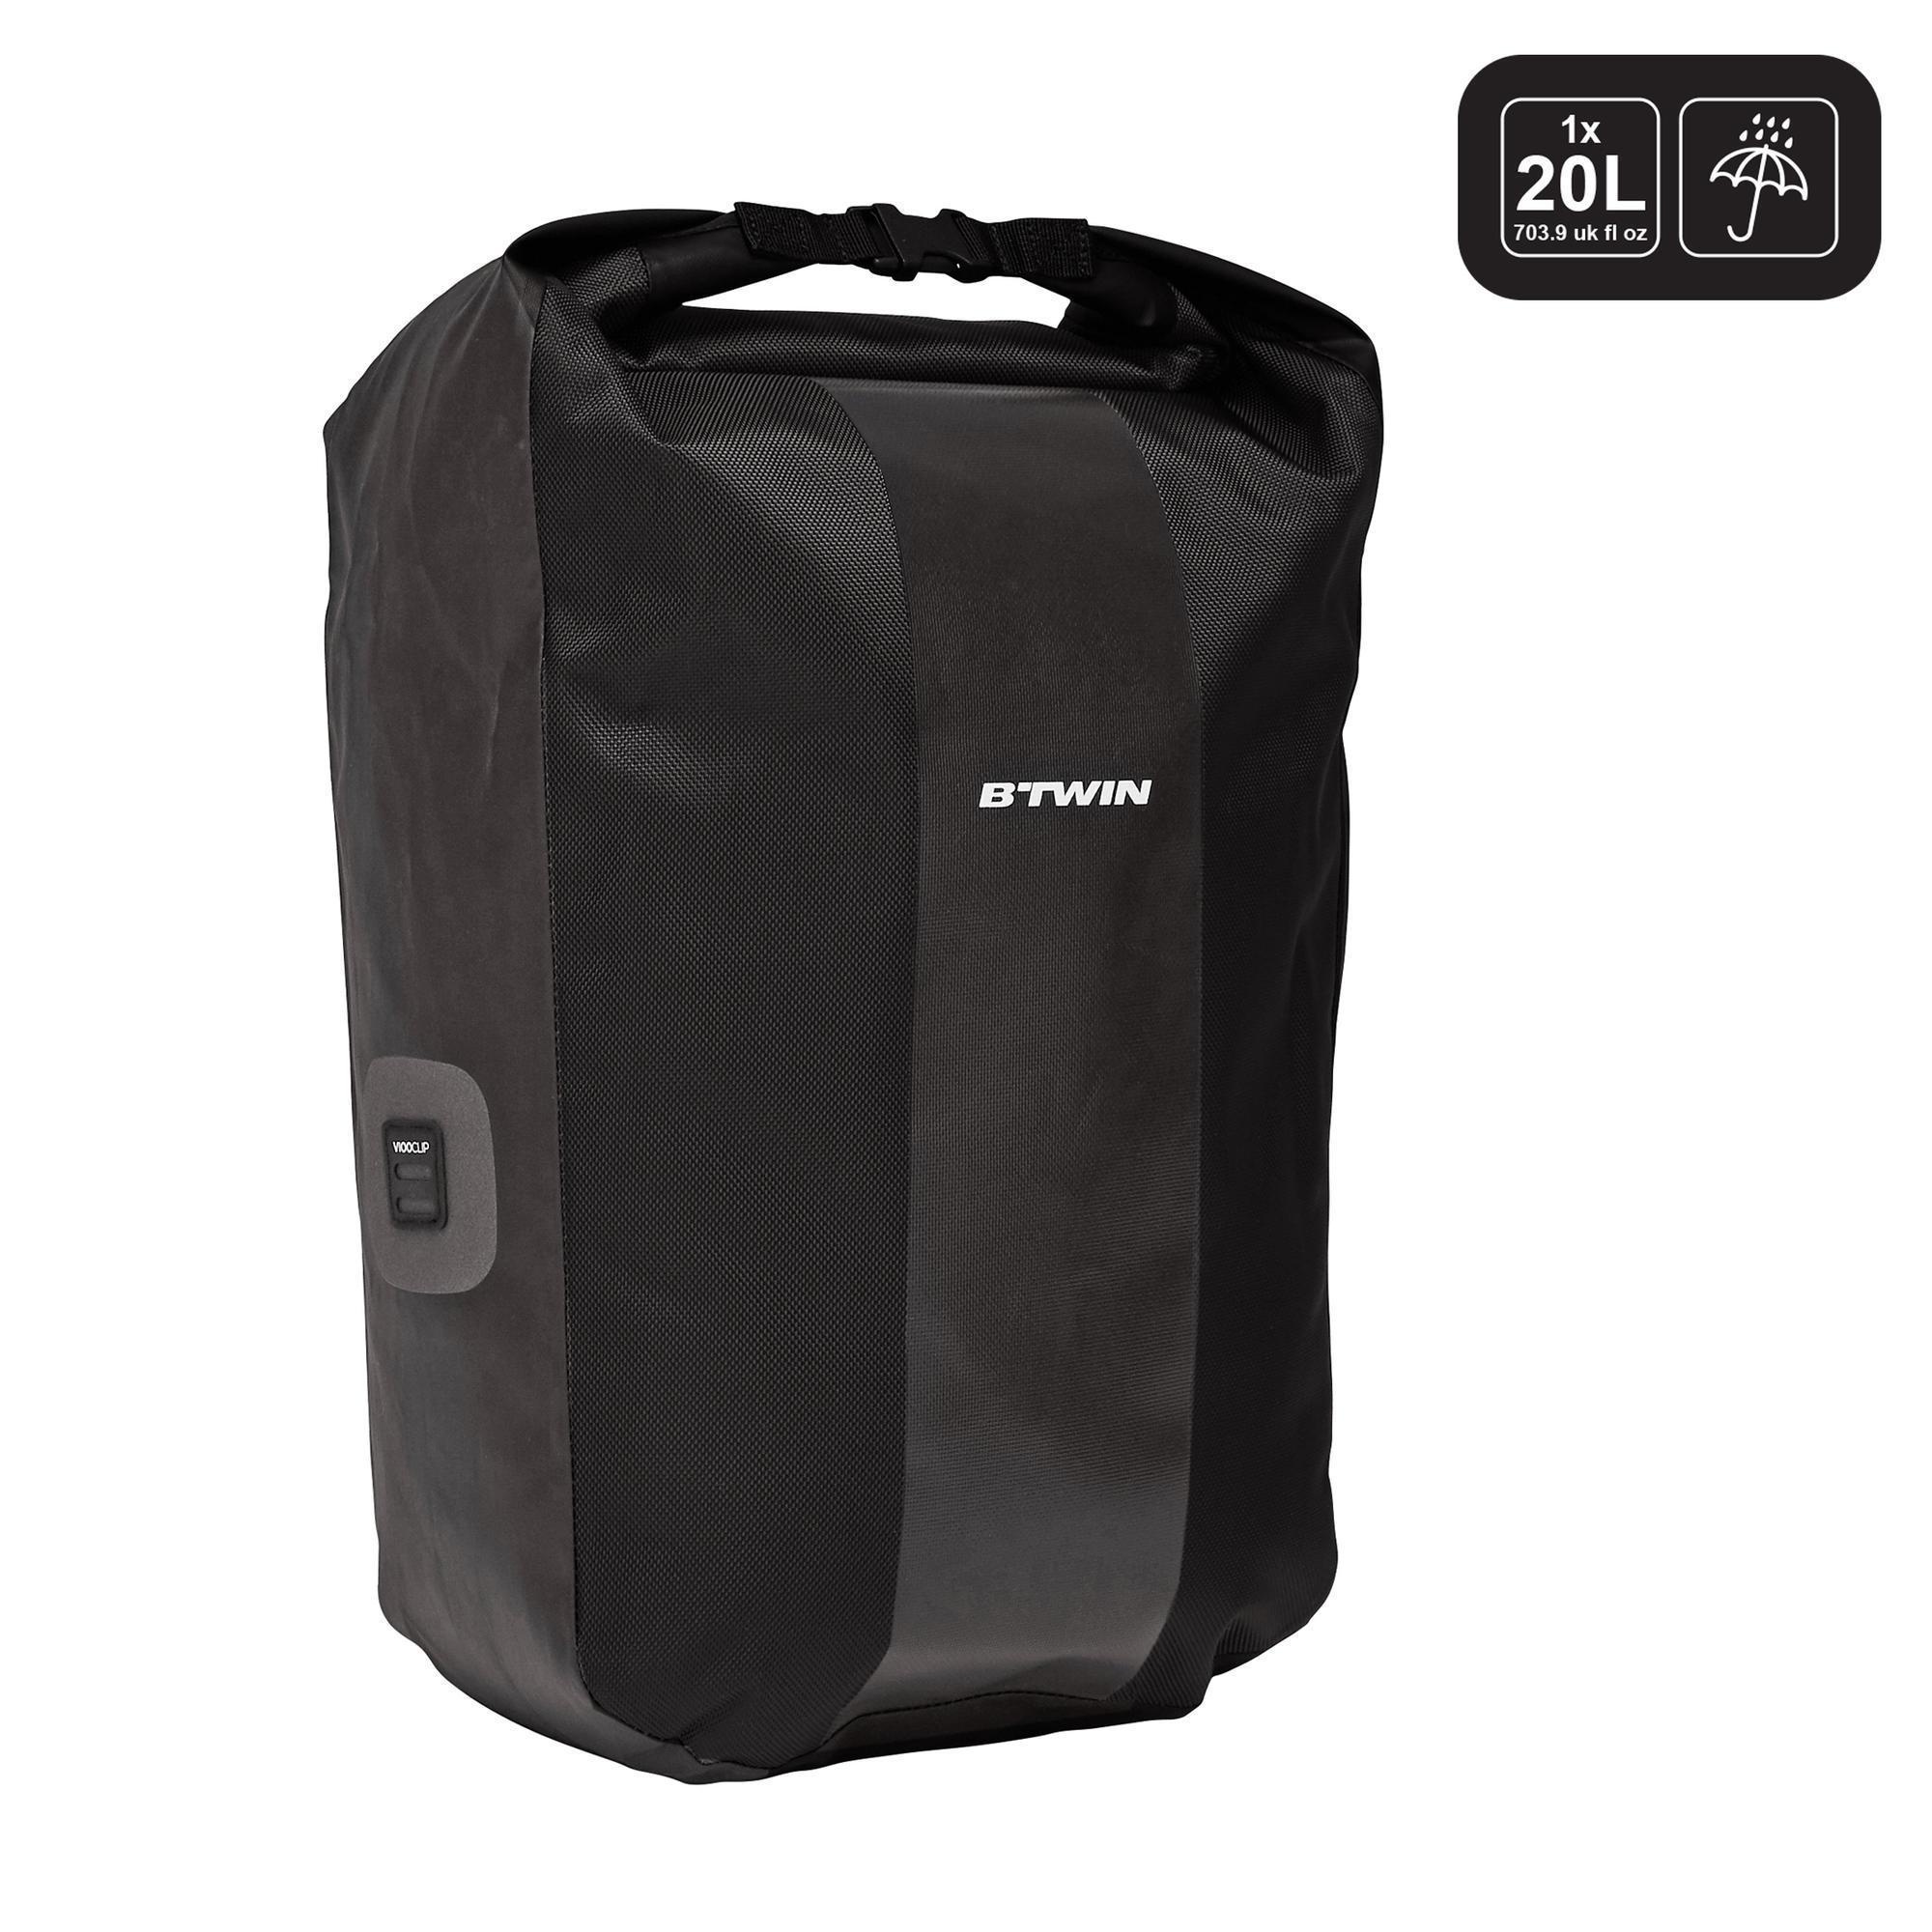 Fahrradtasche Gepäcktasche 500 20Liter wasserdicht | Taschen > Businesstaschen > Fahrrad-taschen Büro | Elops